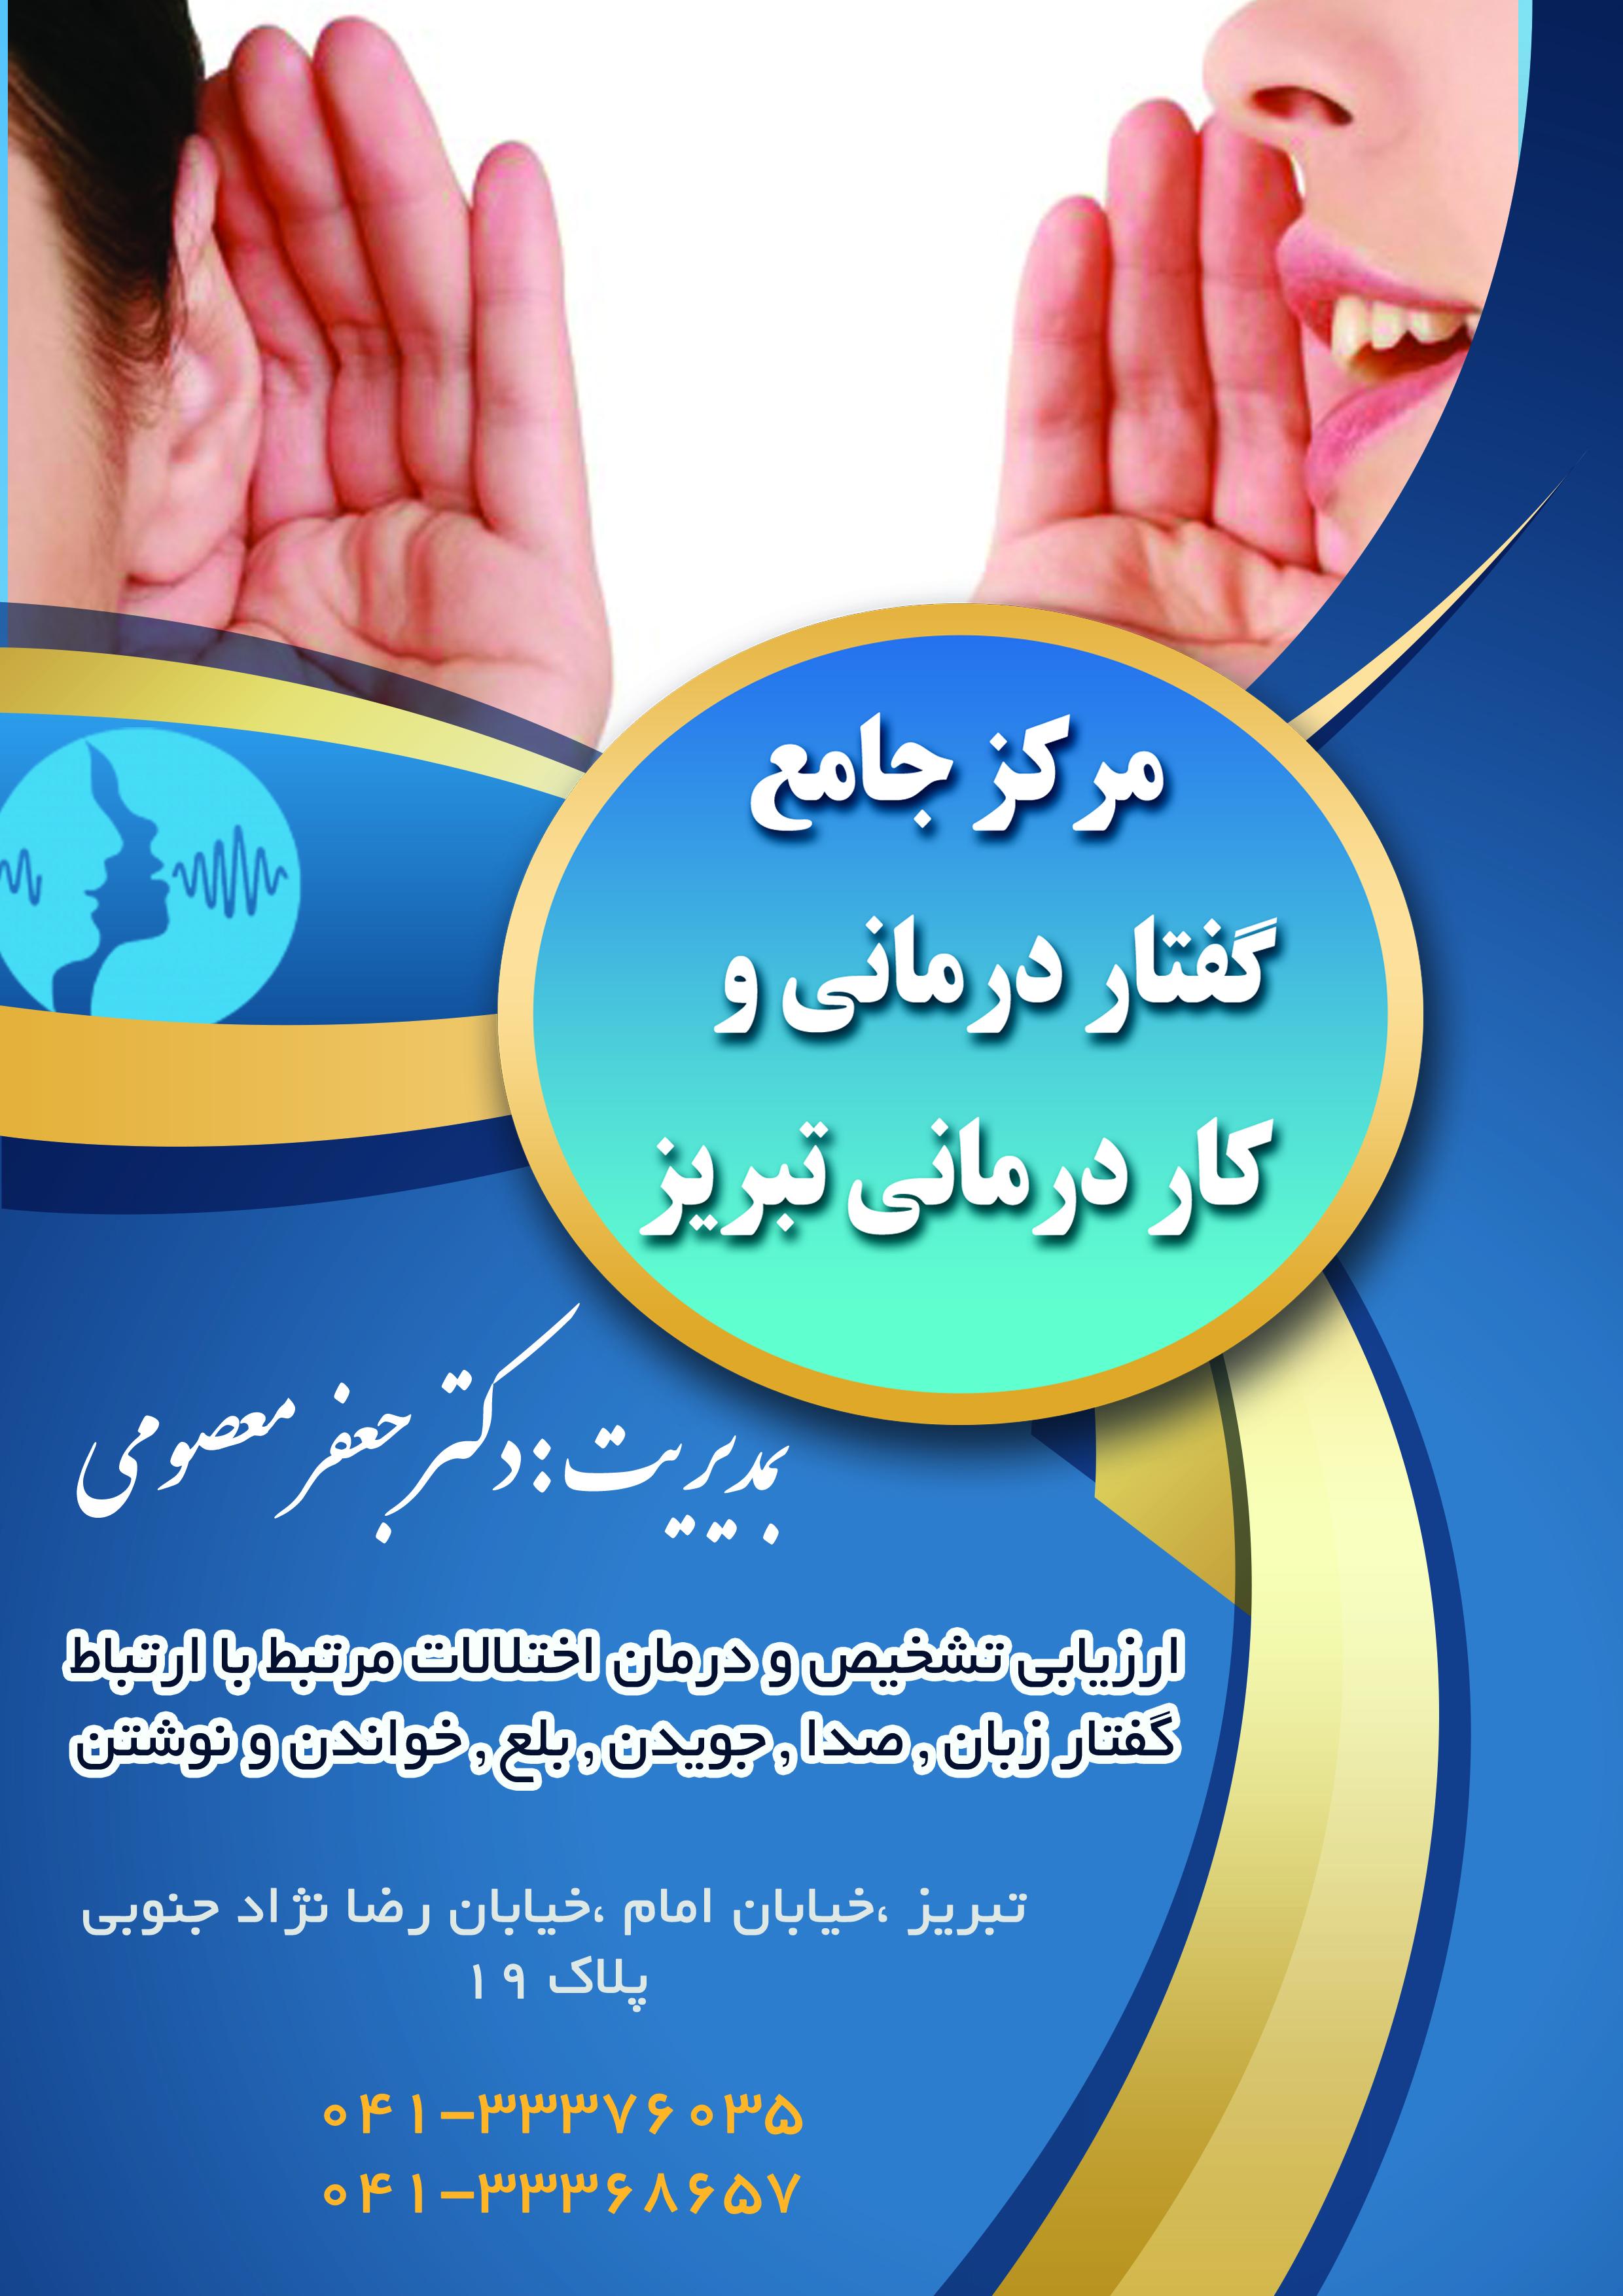 مرکز جامع گفتار درمانی و کار درمانی تبریز